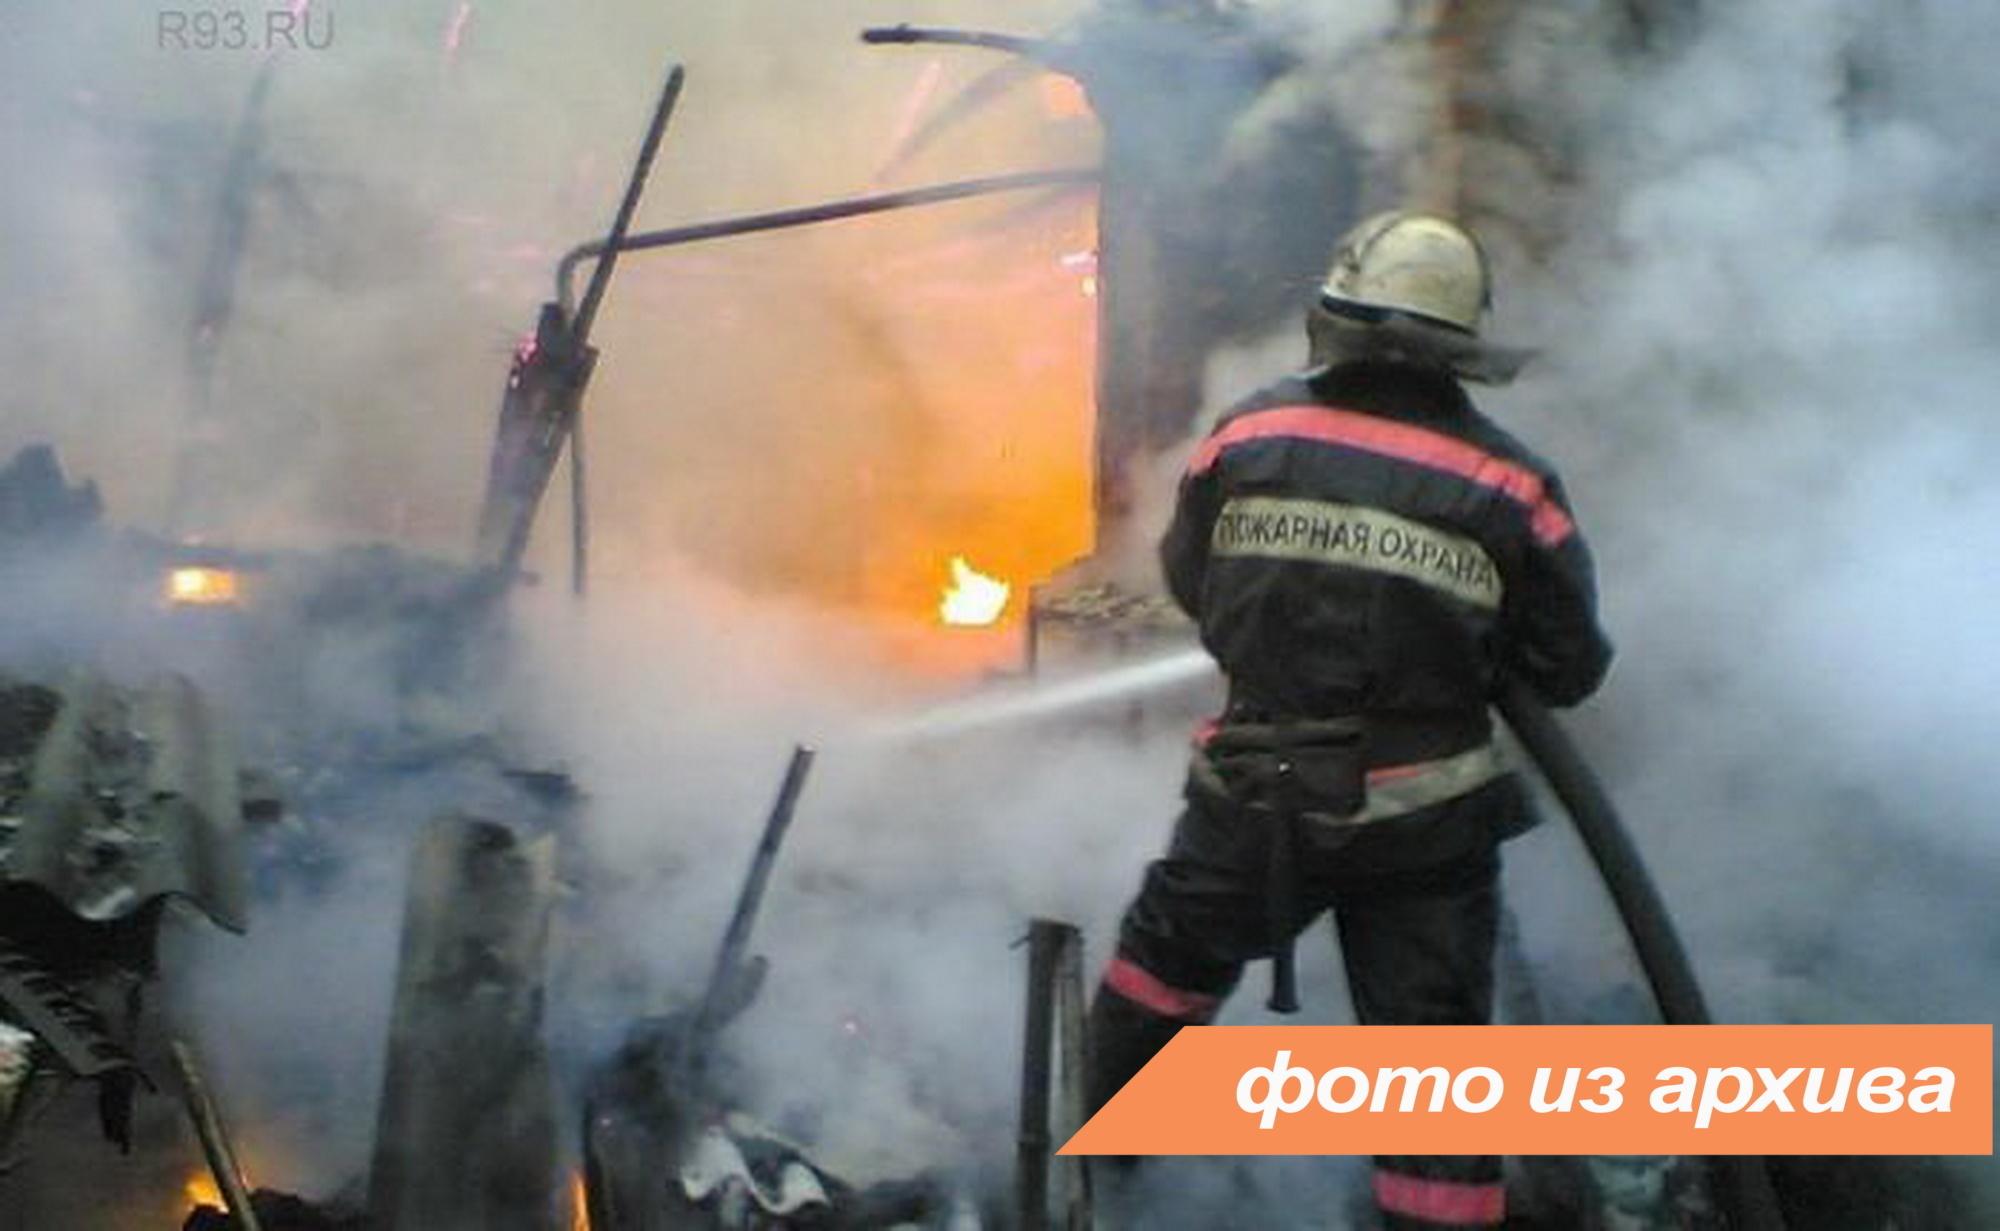 Пожарно-спасательное подразделение Ленинградской области ликвидировало пожар во Всеволожском районе